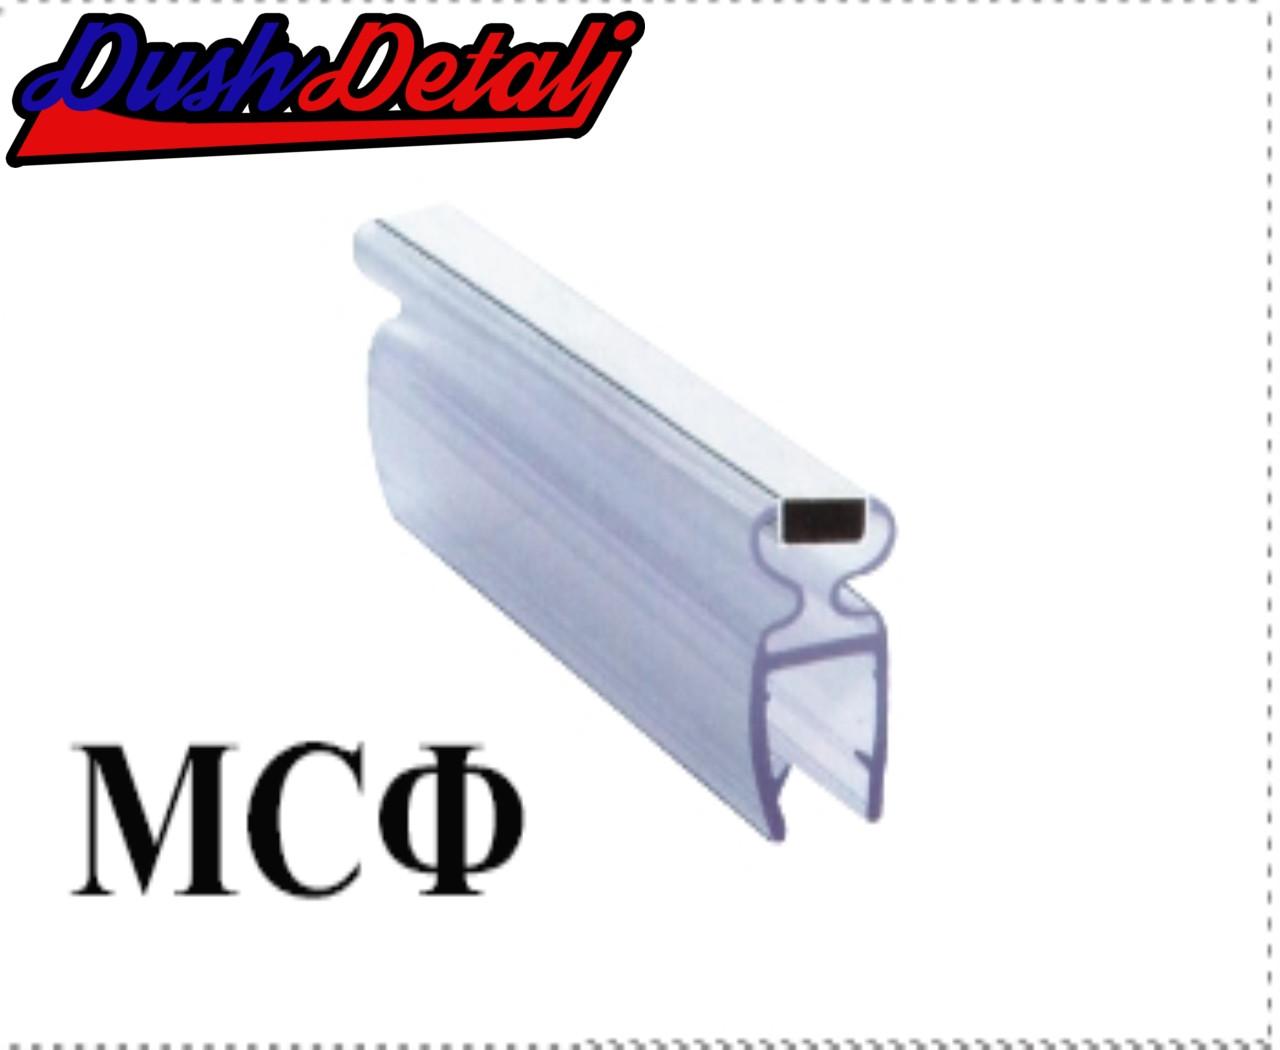 Магниты для  дверей душевой кабины ф-ОБРАЗНЫЙ  ( MCФ06Е )  Стык магнитный, силиконовый.